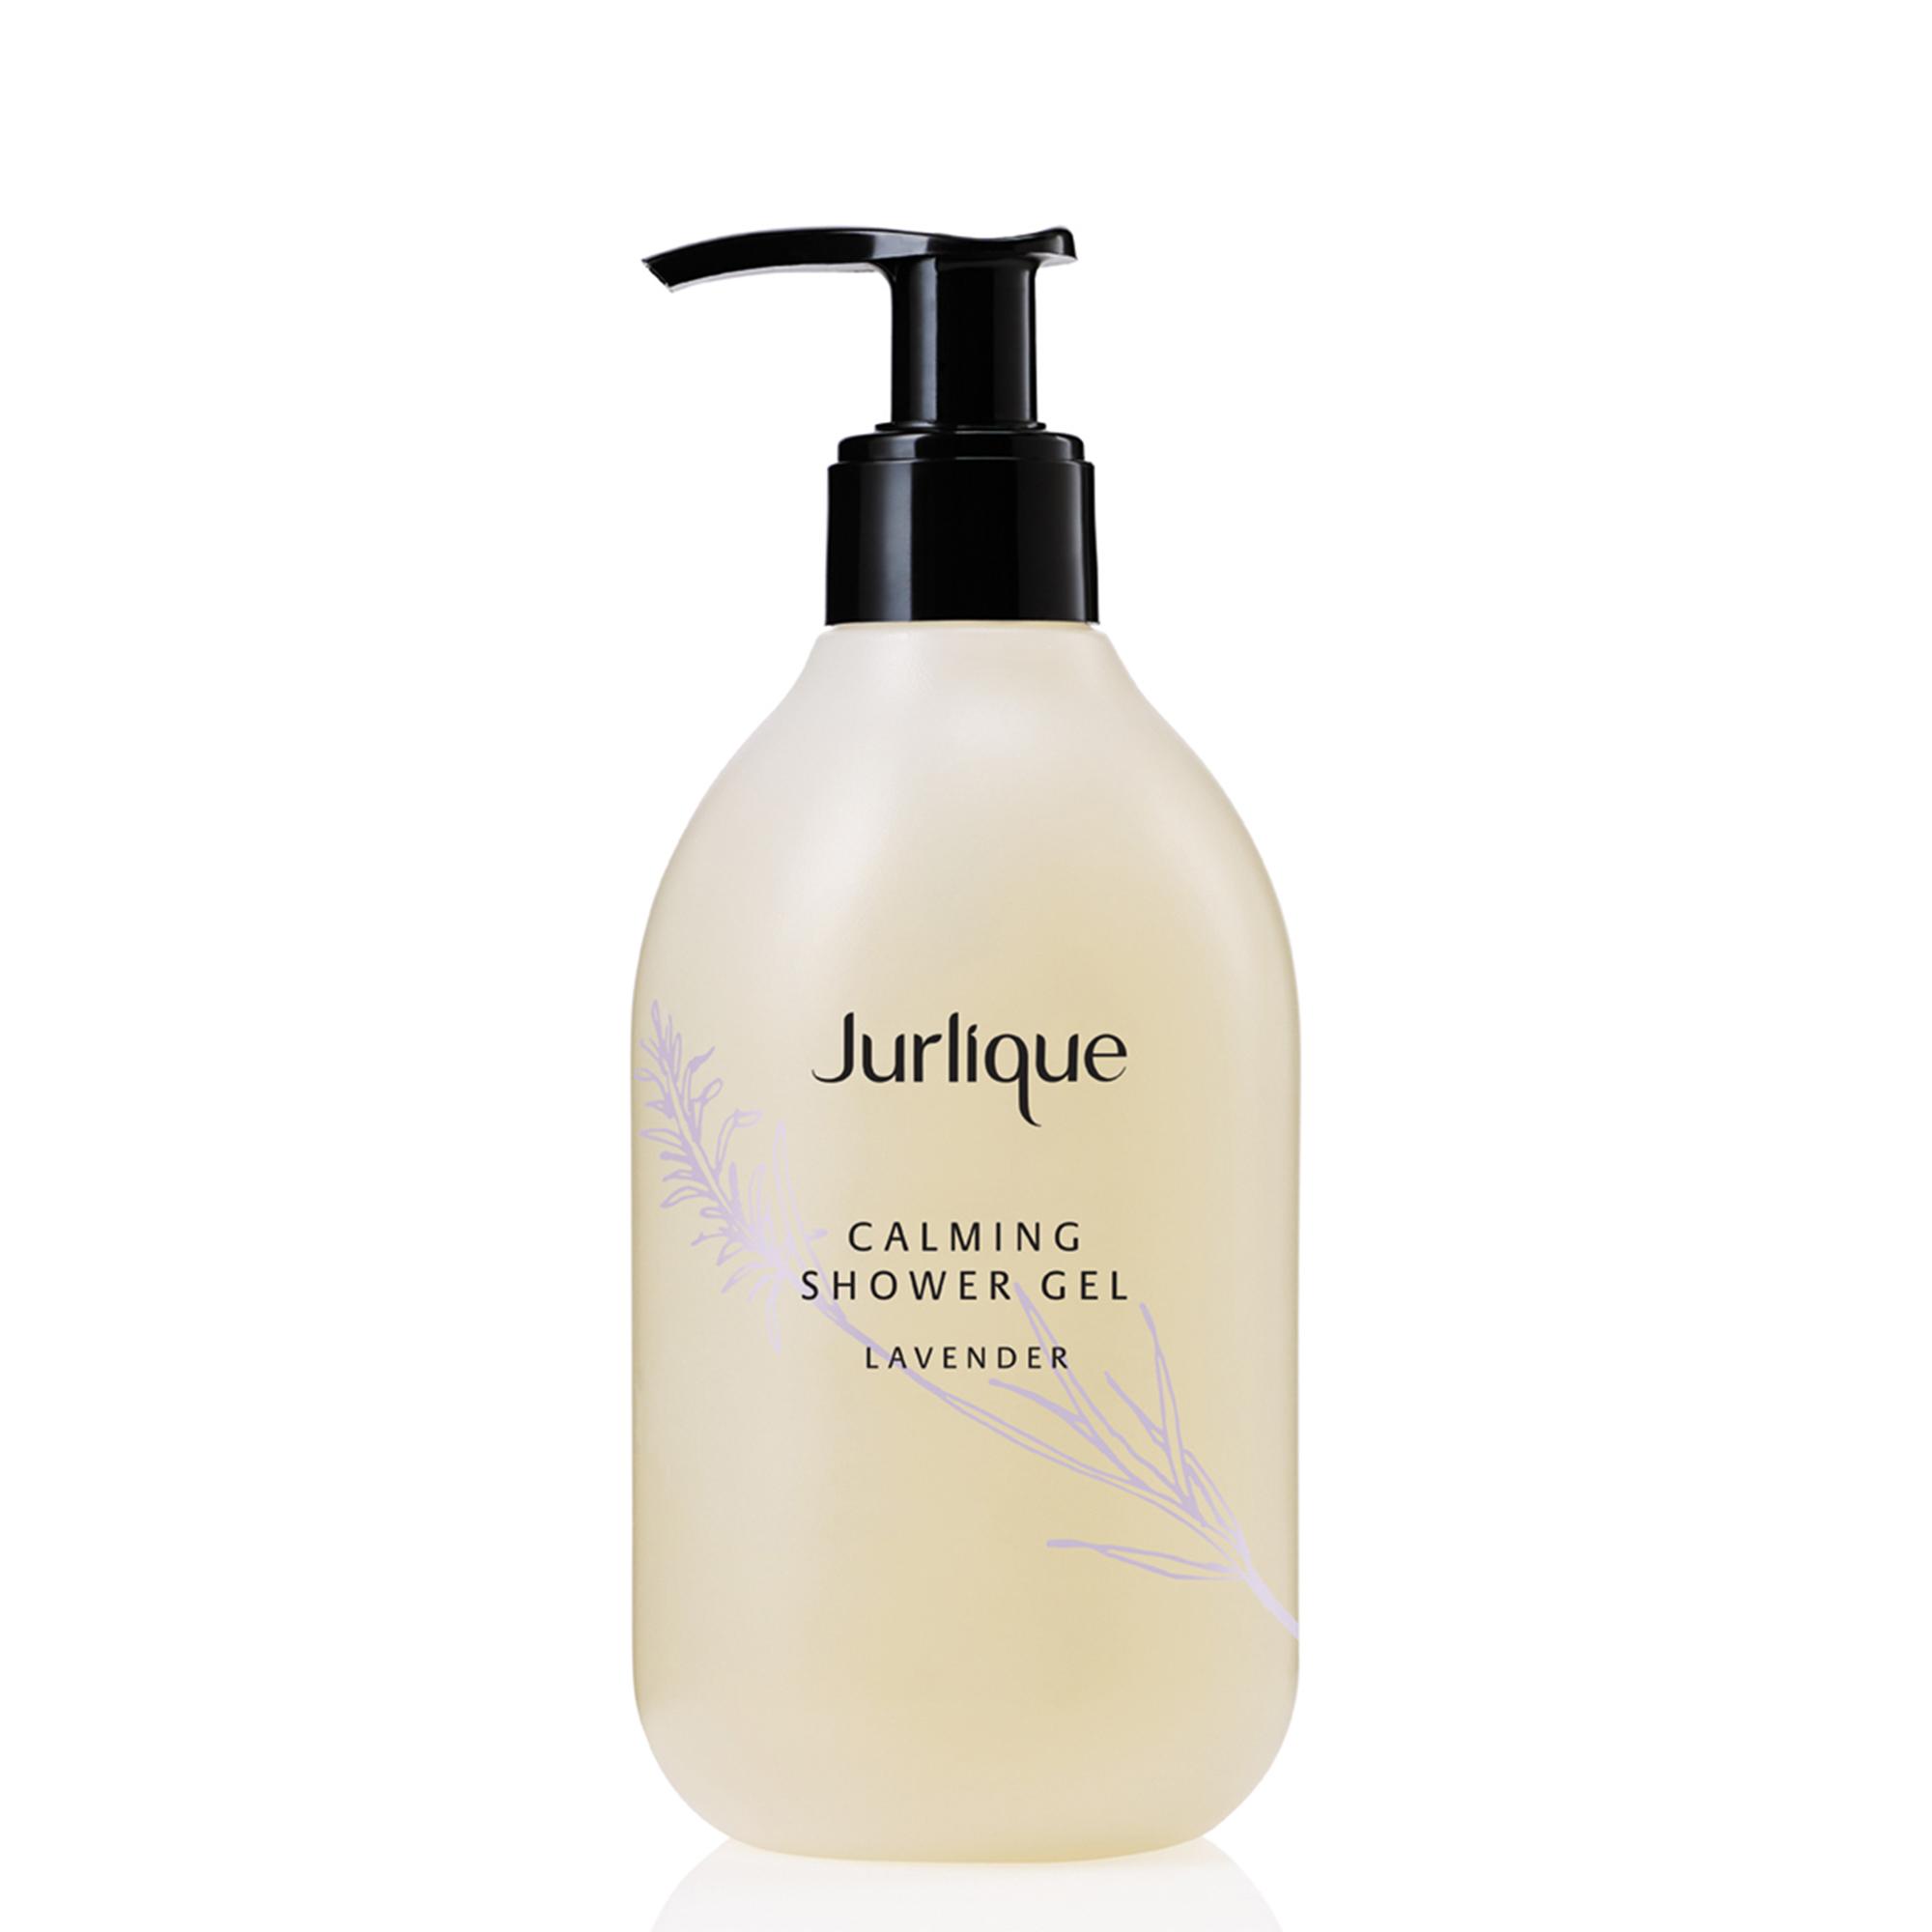 Jurlique Calming Lavender Shower Gel, 300 ml